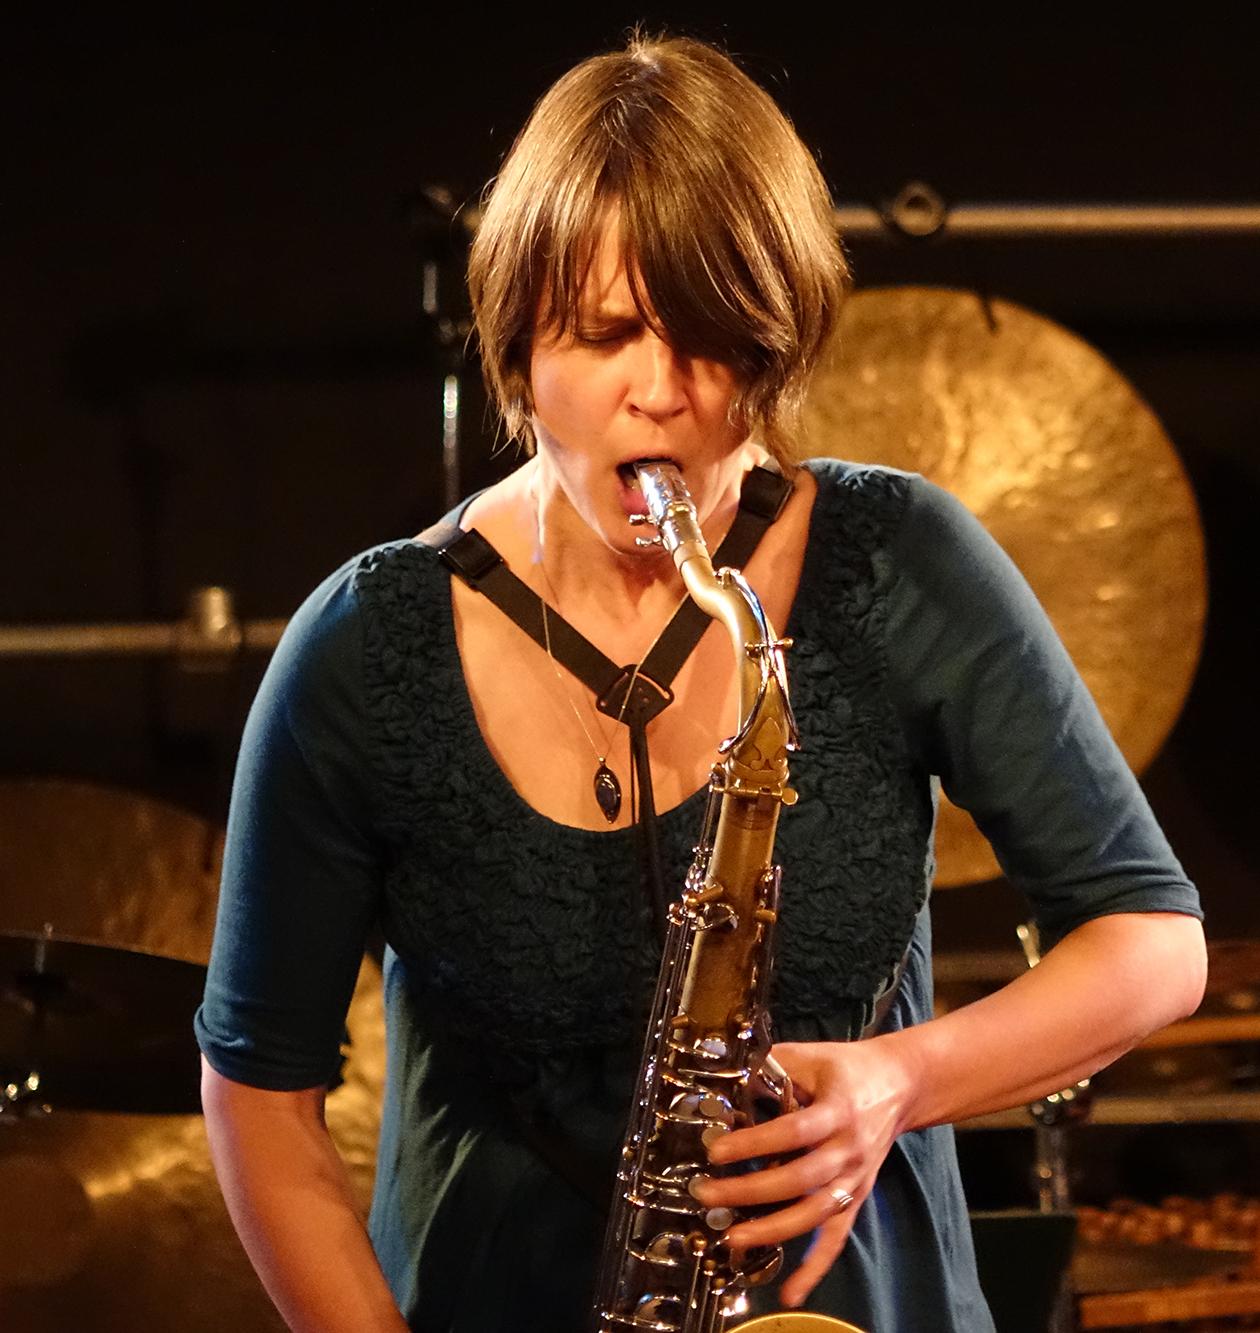 Ingrid Laubrock at Doek Festival 2015